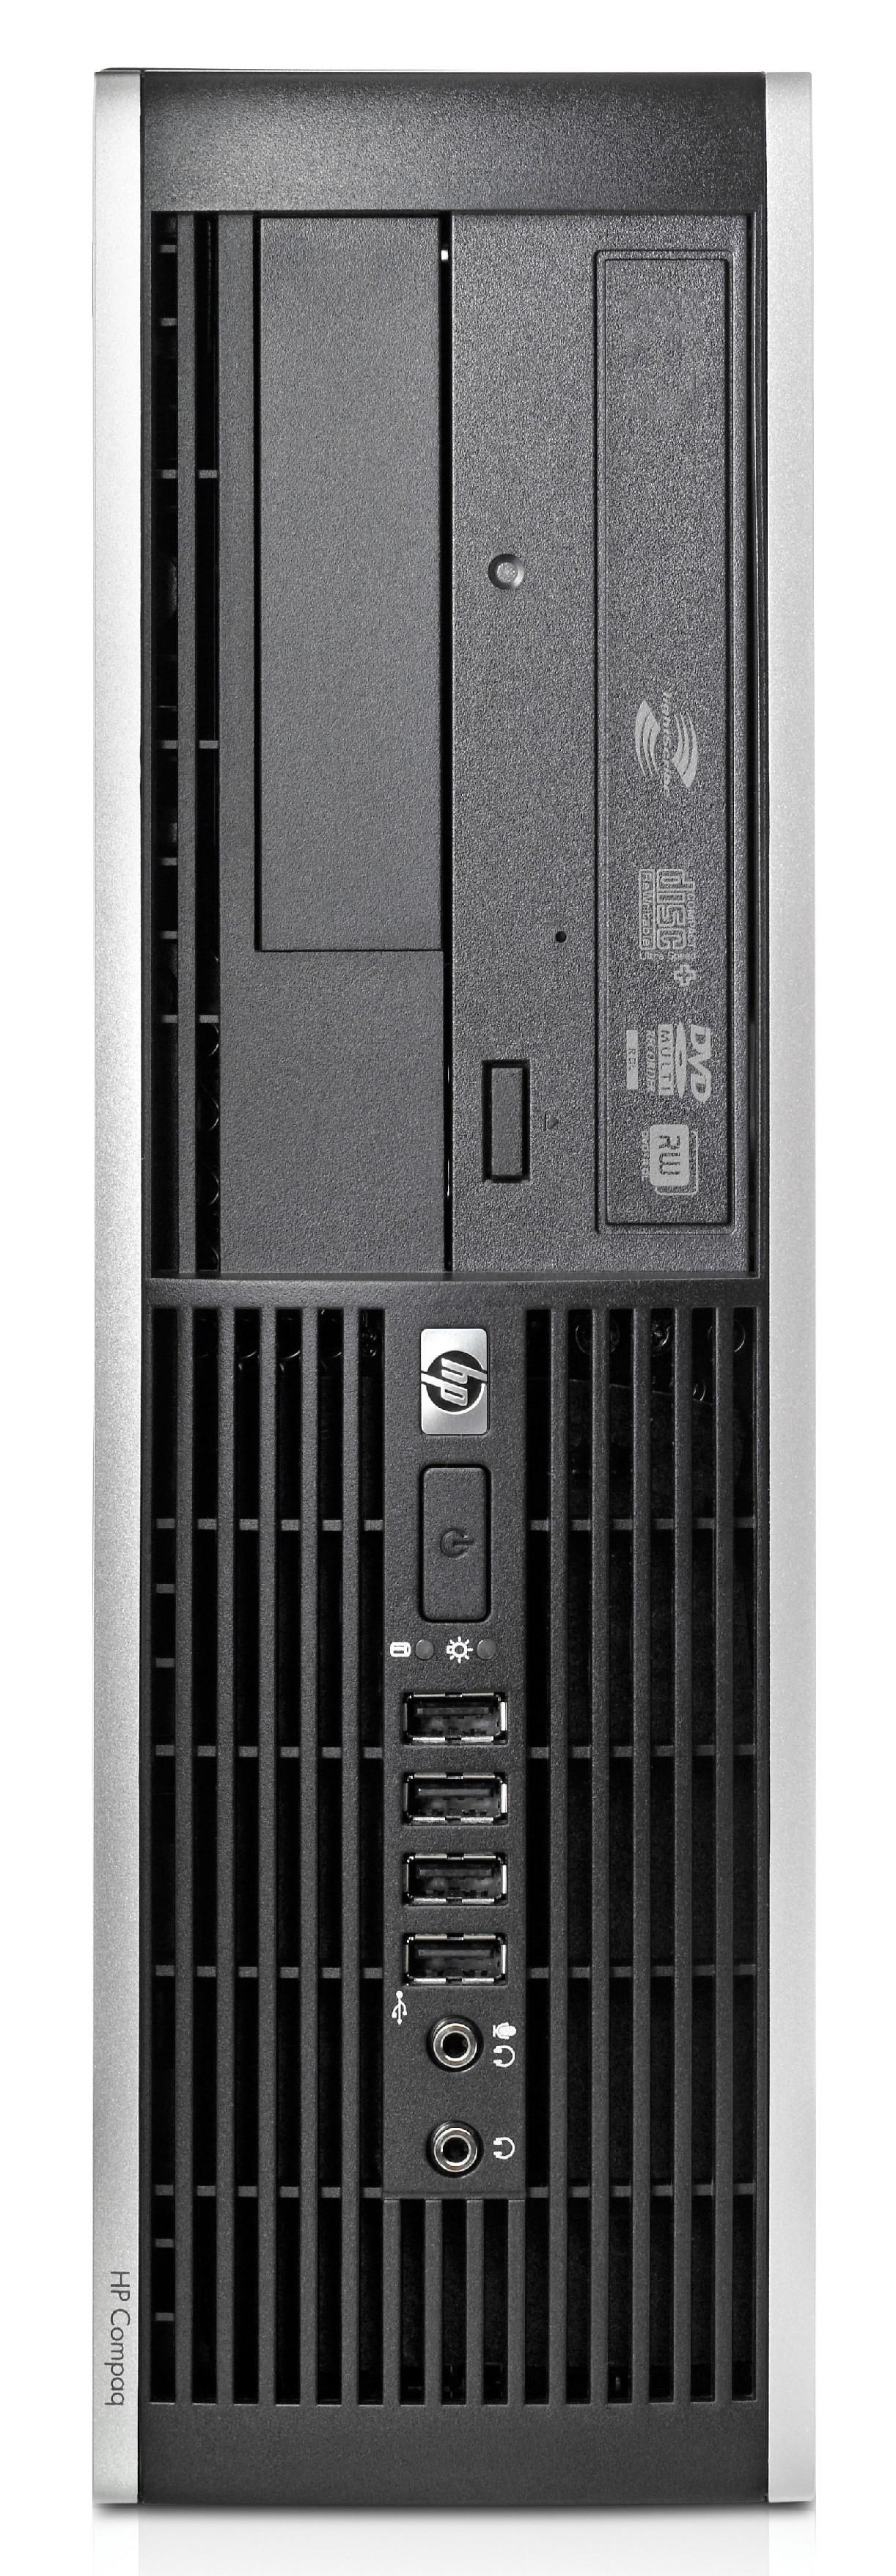 HP Compaq 8000 Elite